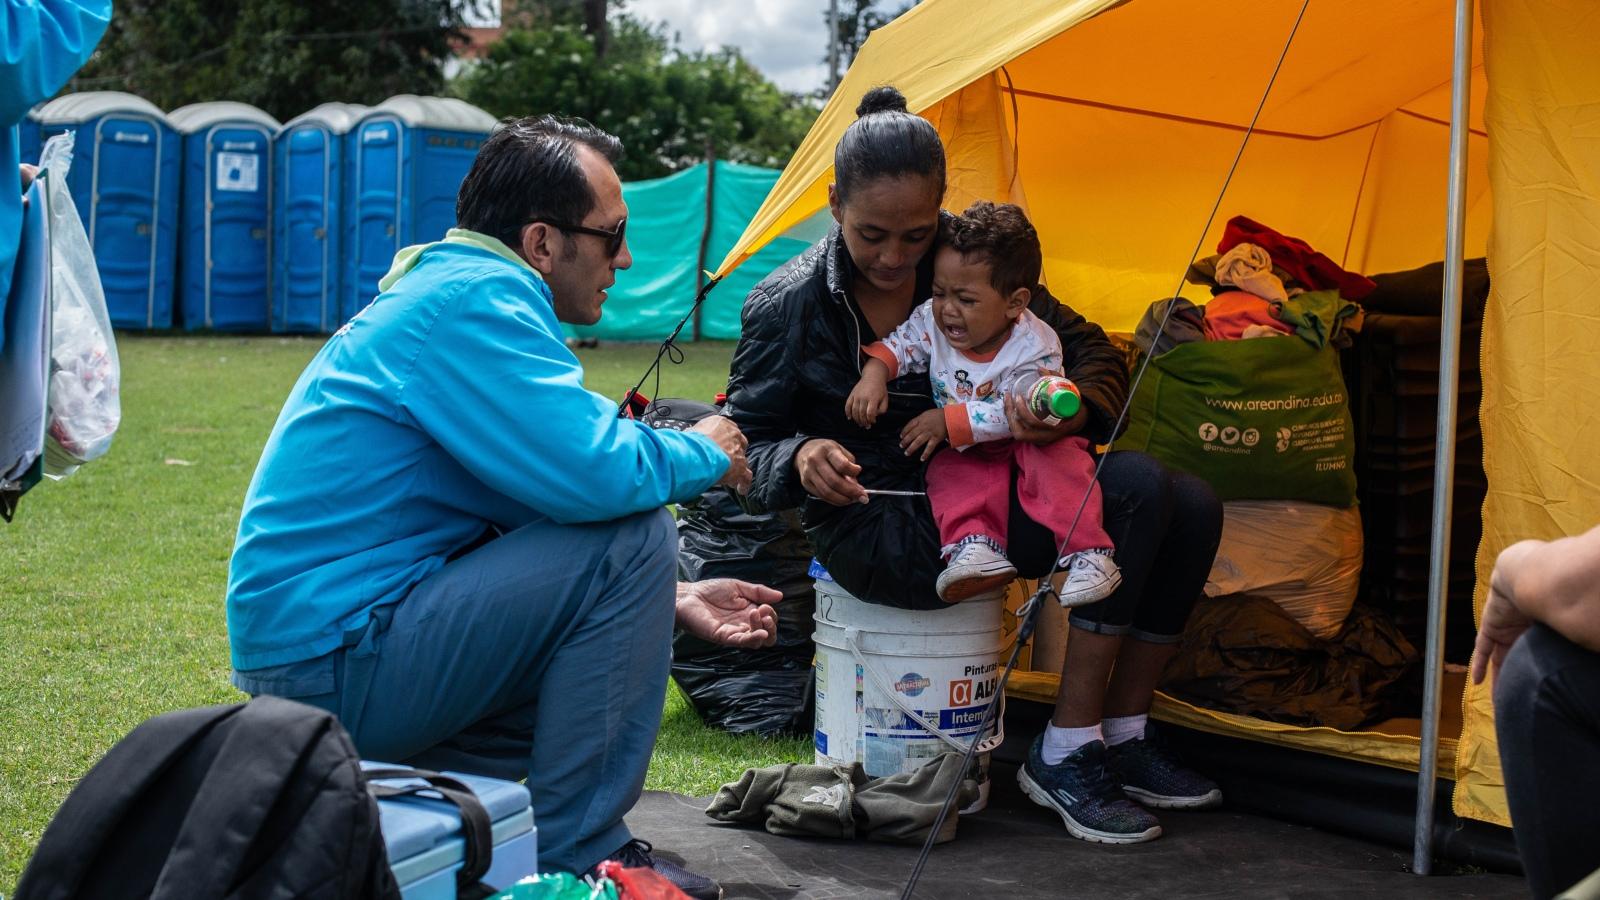 Unión Europea destina 50 millones de euros para ayuda humanitaria a venezolanos